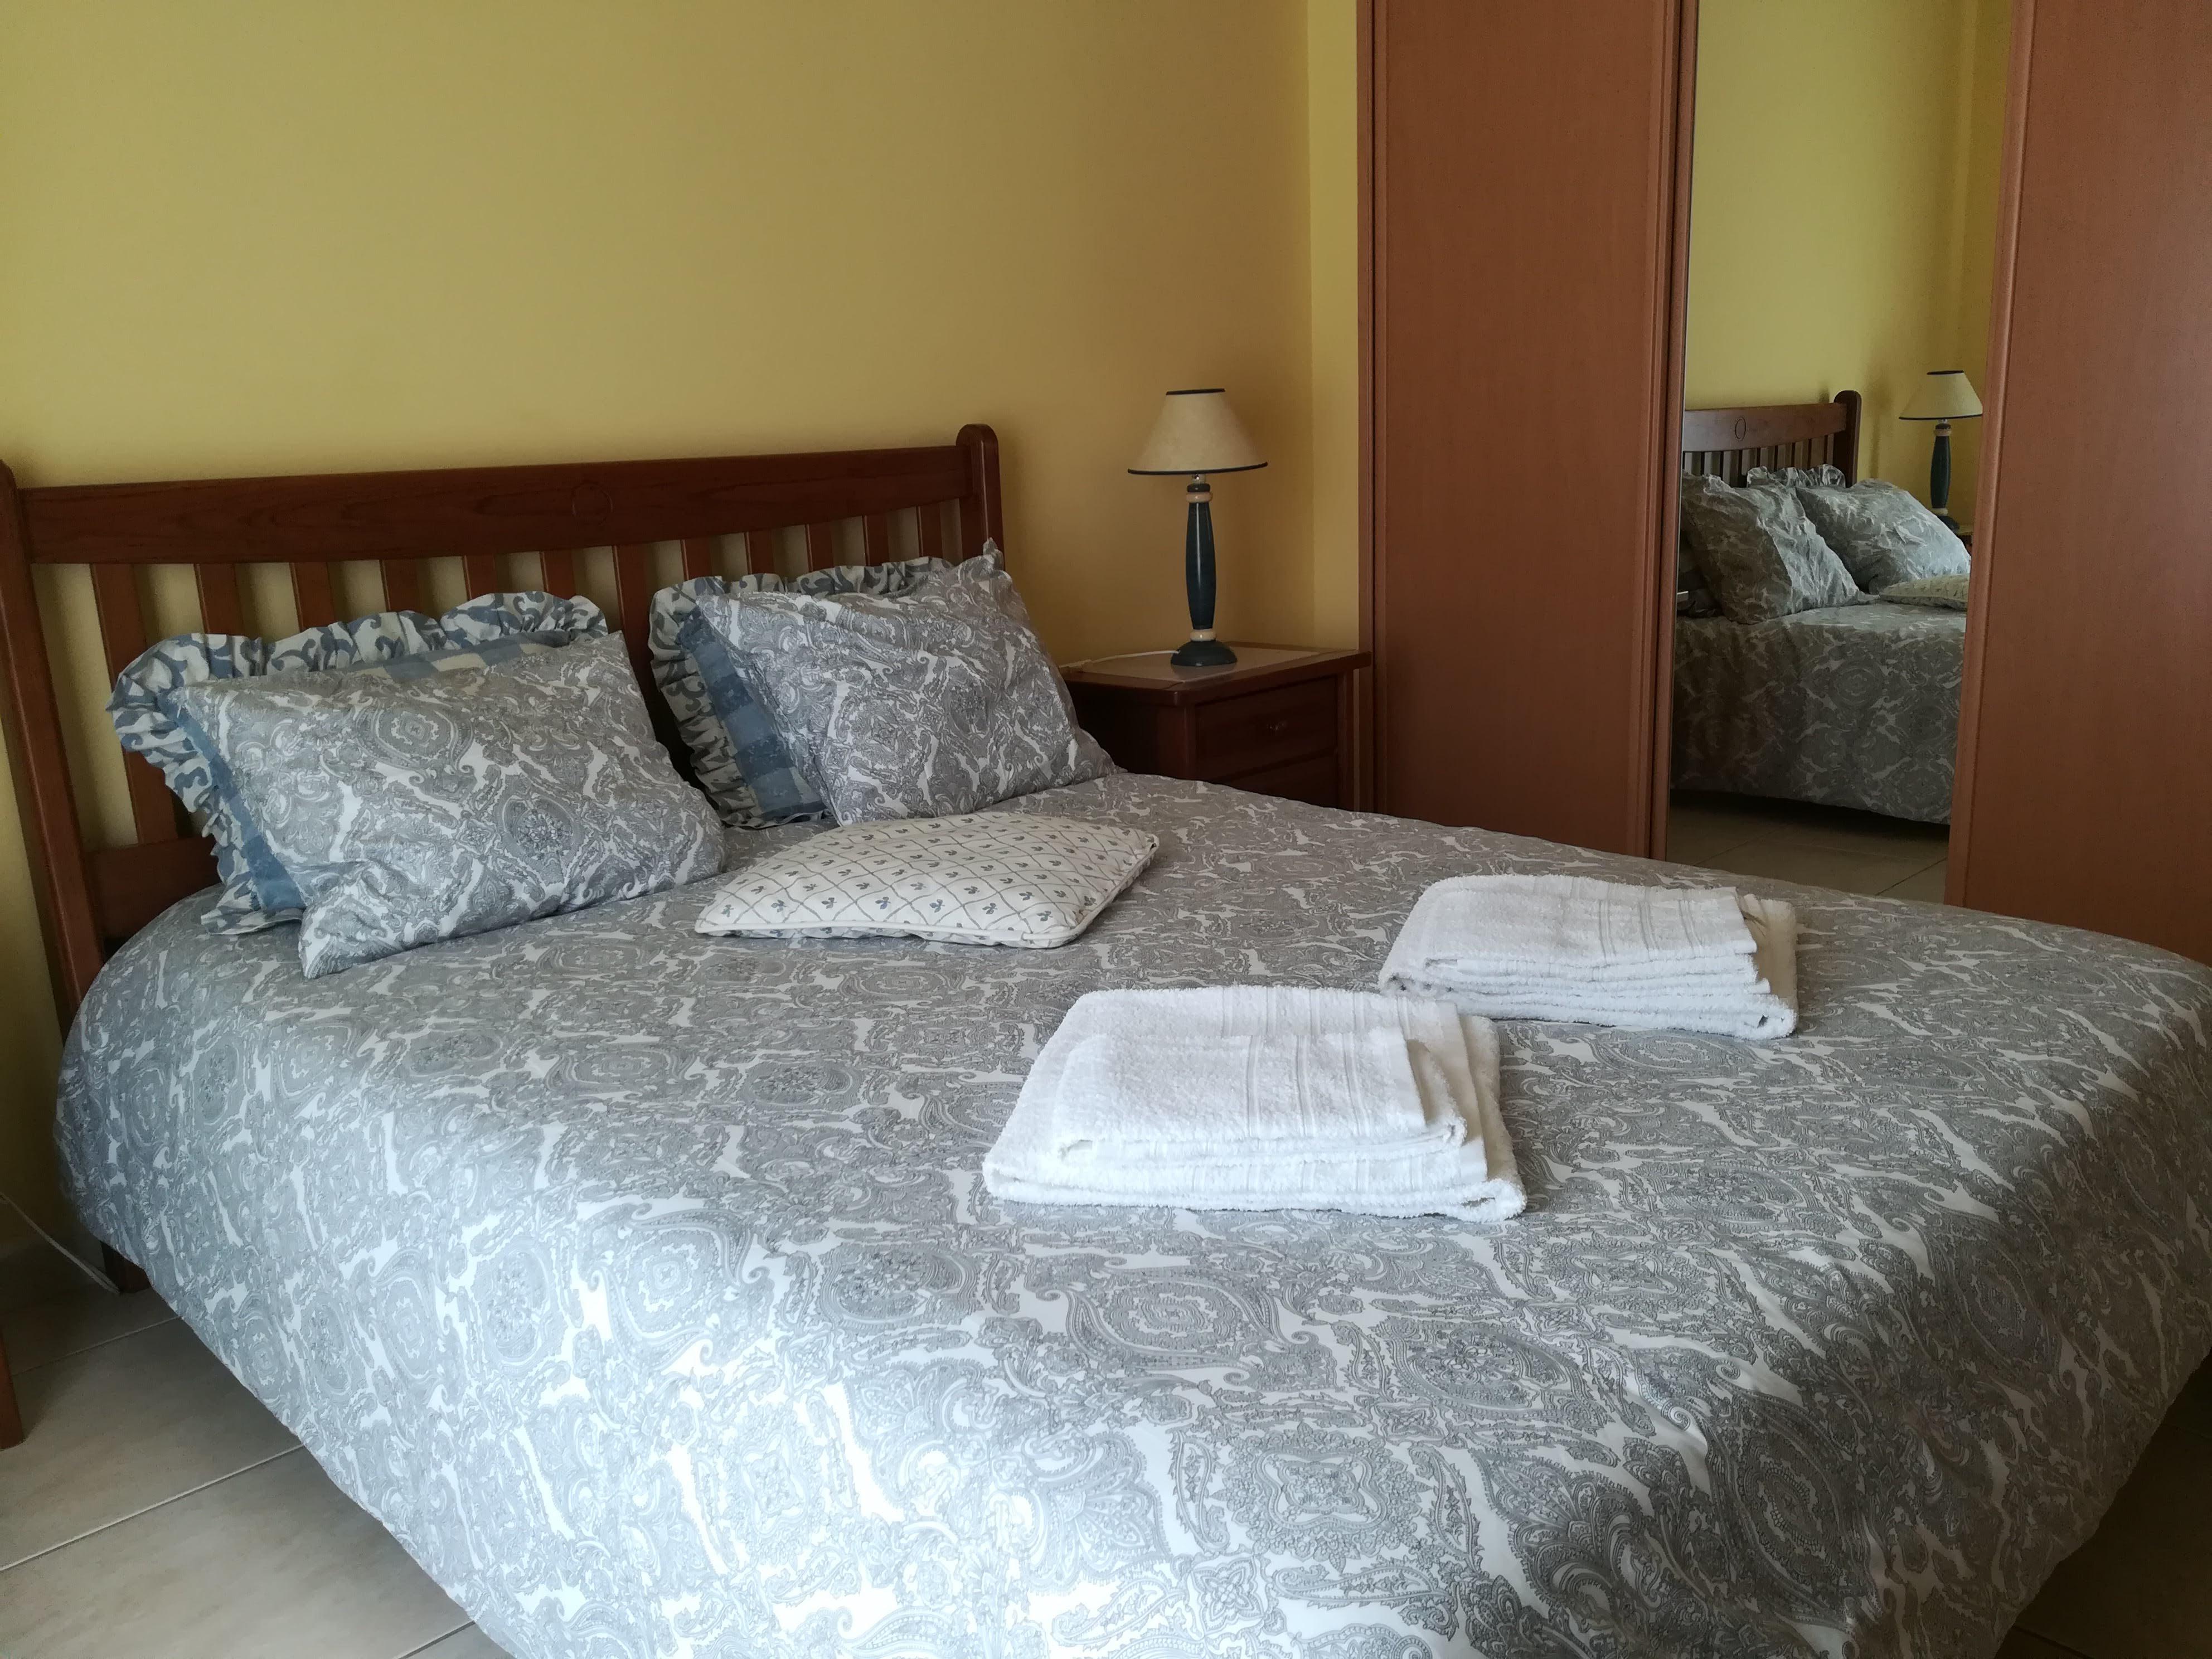 Location appartements et villas de vacance, Apartamento com terraço, perto da praia à Armação de Pêra, Portugal Algarve, REF_IMG_9160_9169